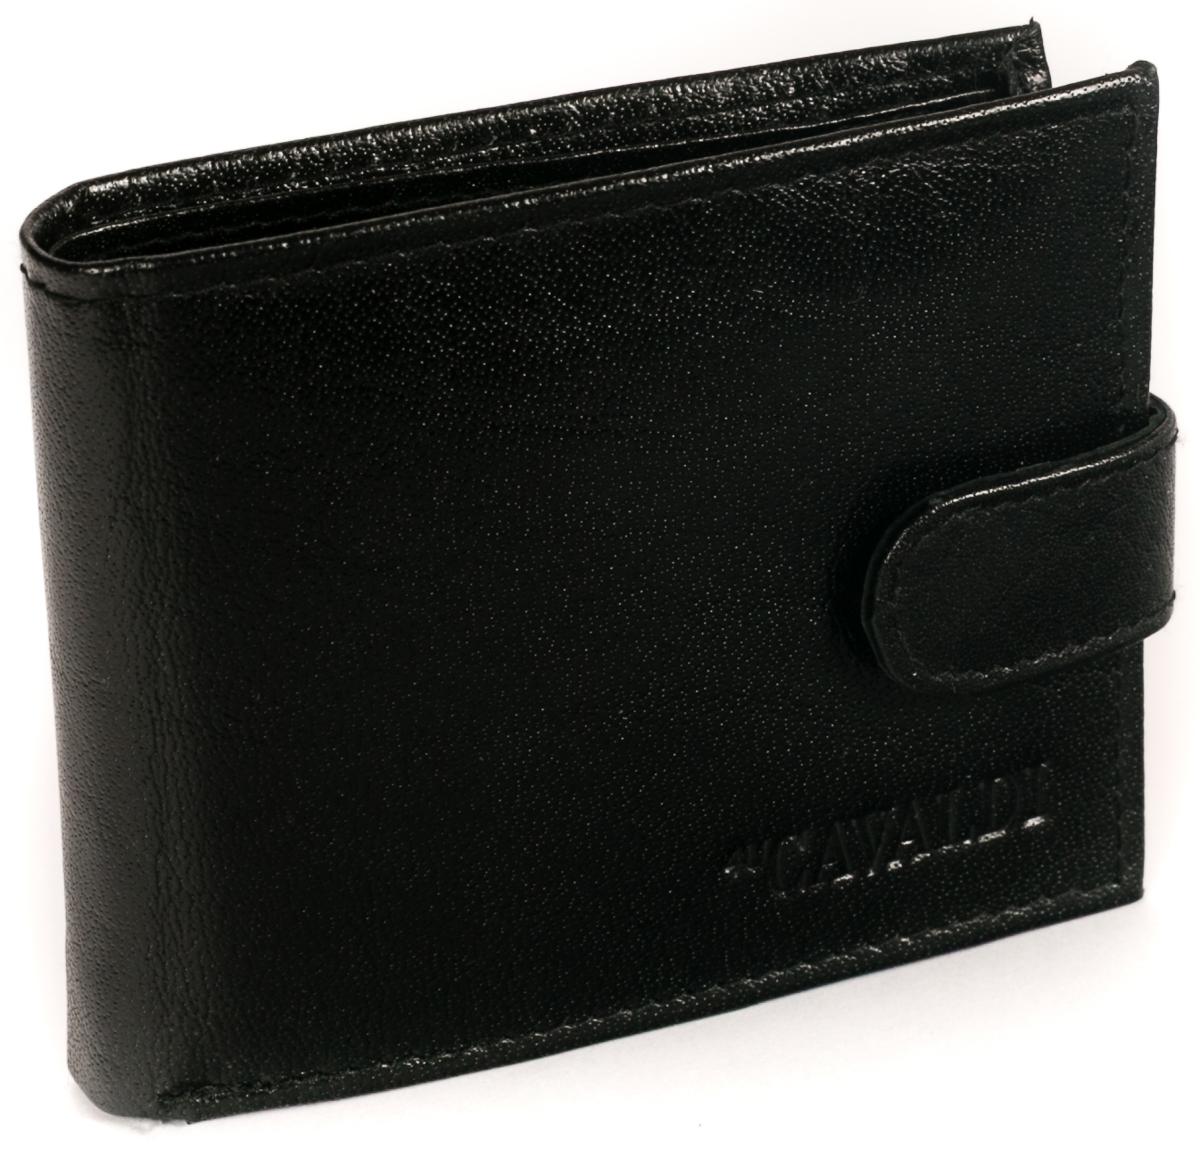 ceb4d9f2a702c klasyczny skórzany mały portfel męski skóra pudełk - 7366967889 ...